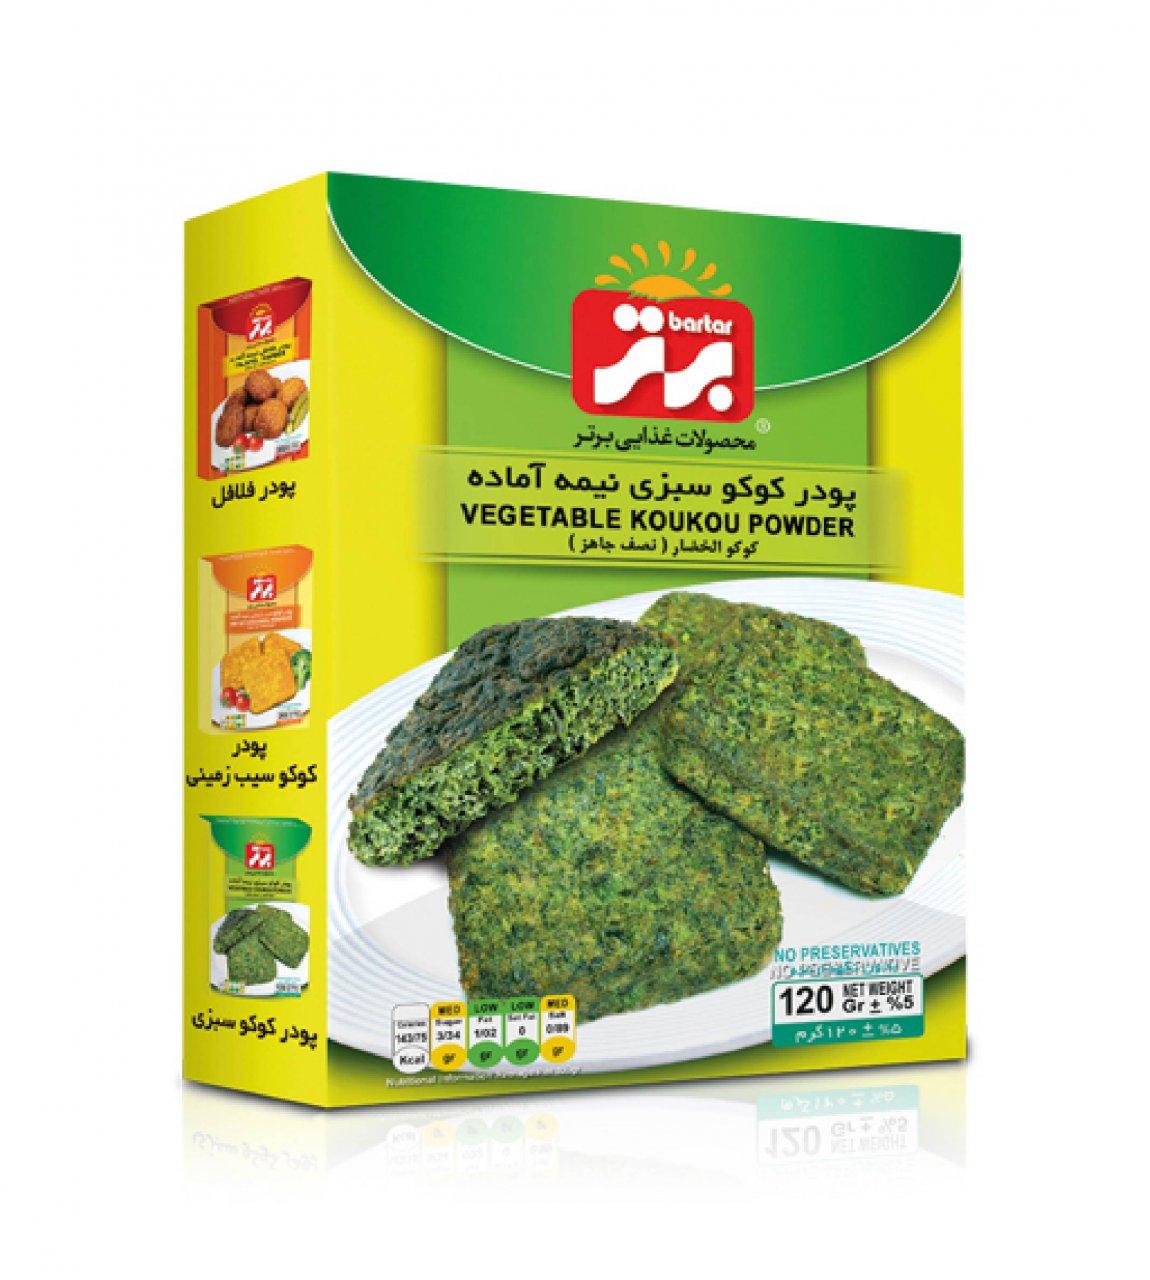 پودر کوکو سبزی 120 گرم برتر